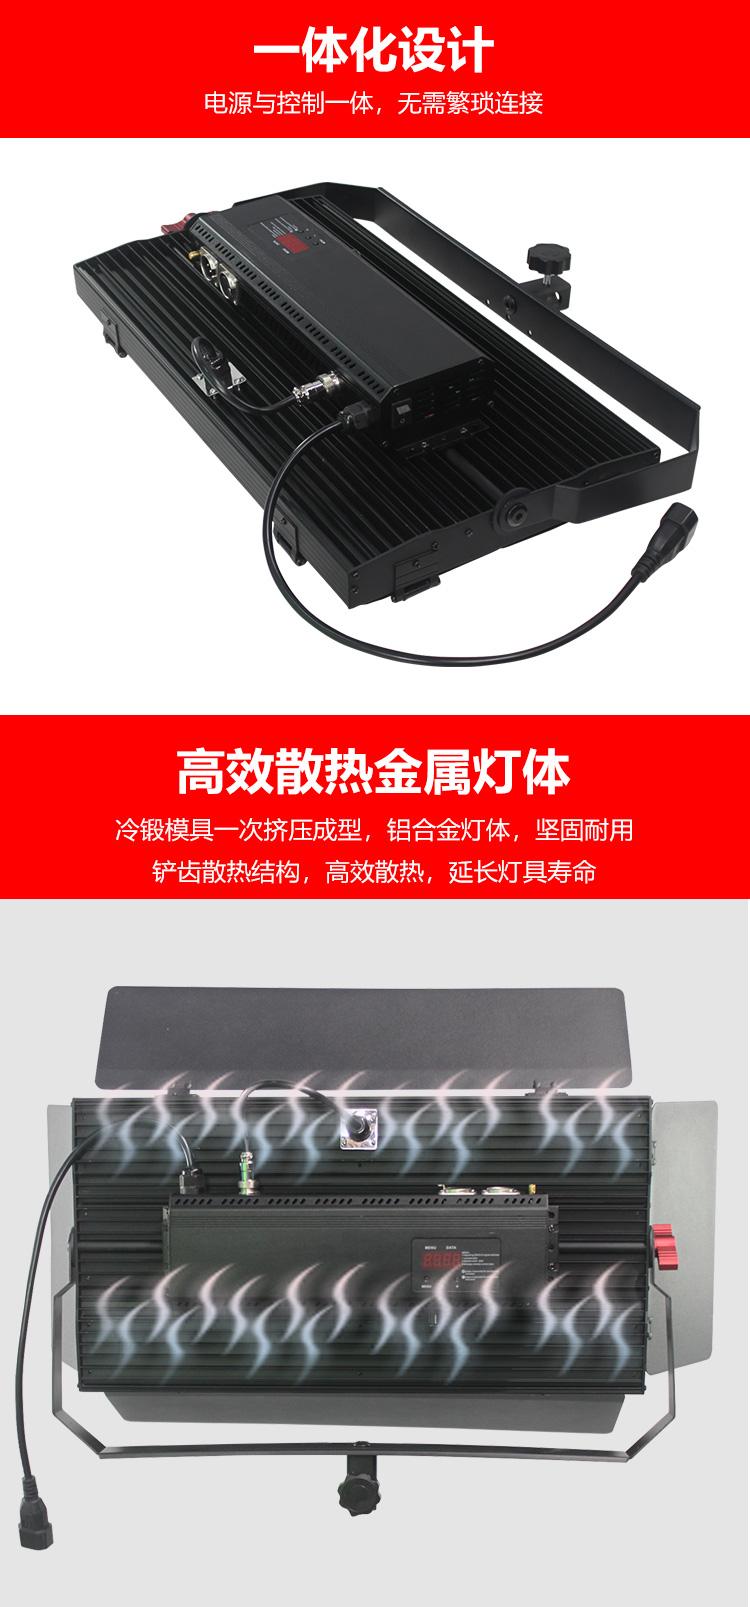 泰阳人 TYR-LED2200 数字遥控led平板式柔光灯(图3)